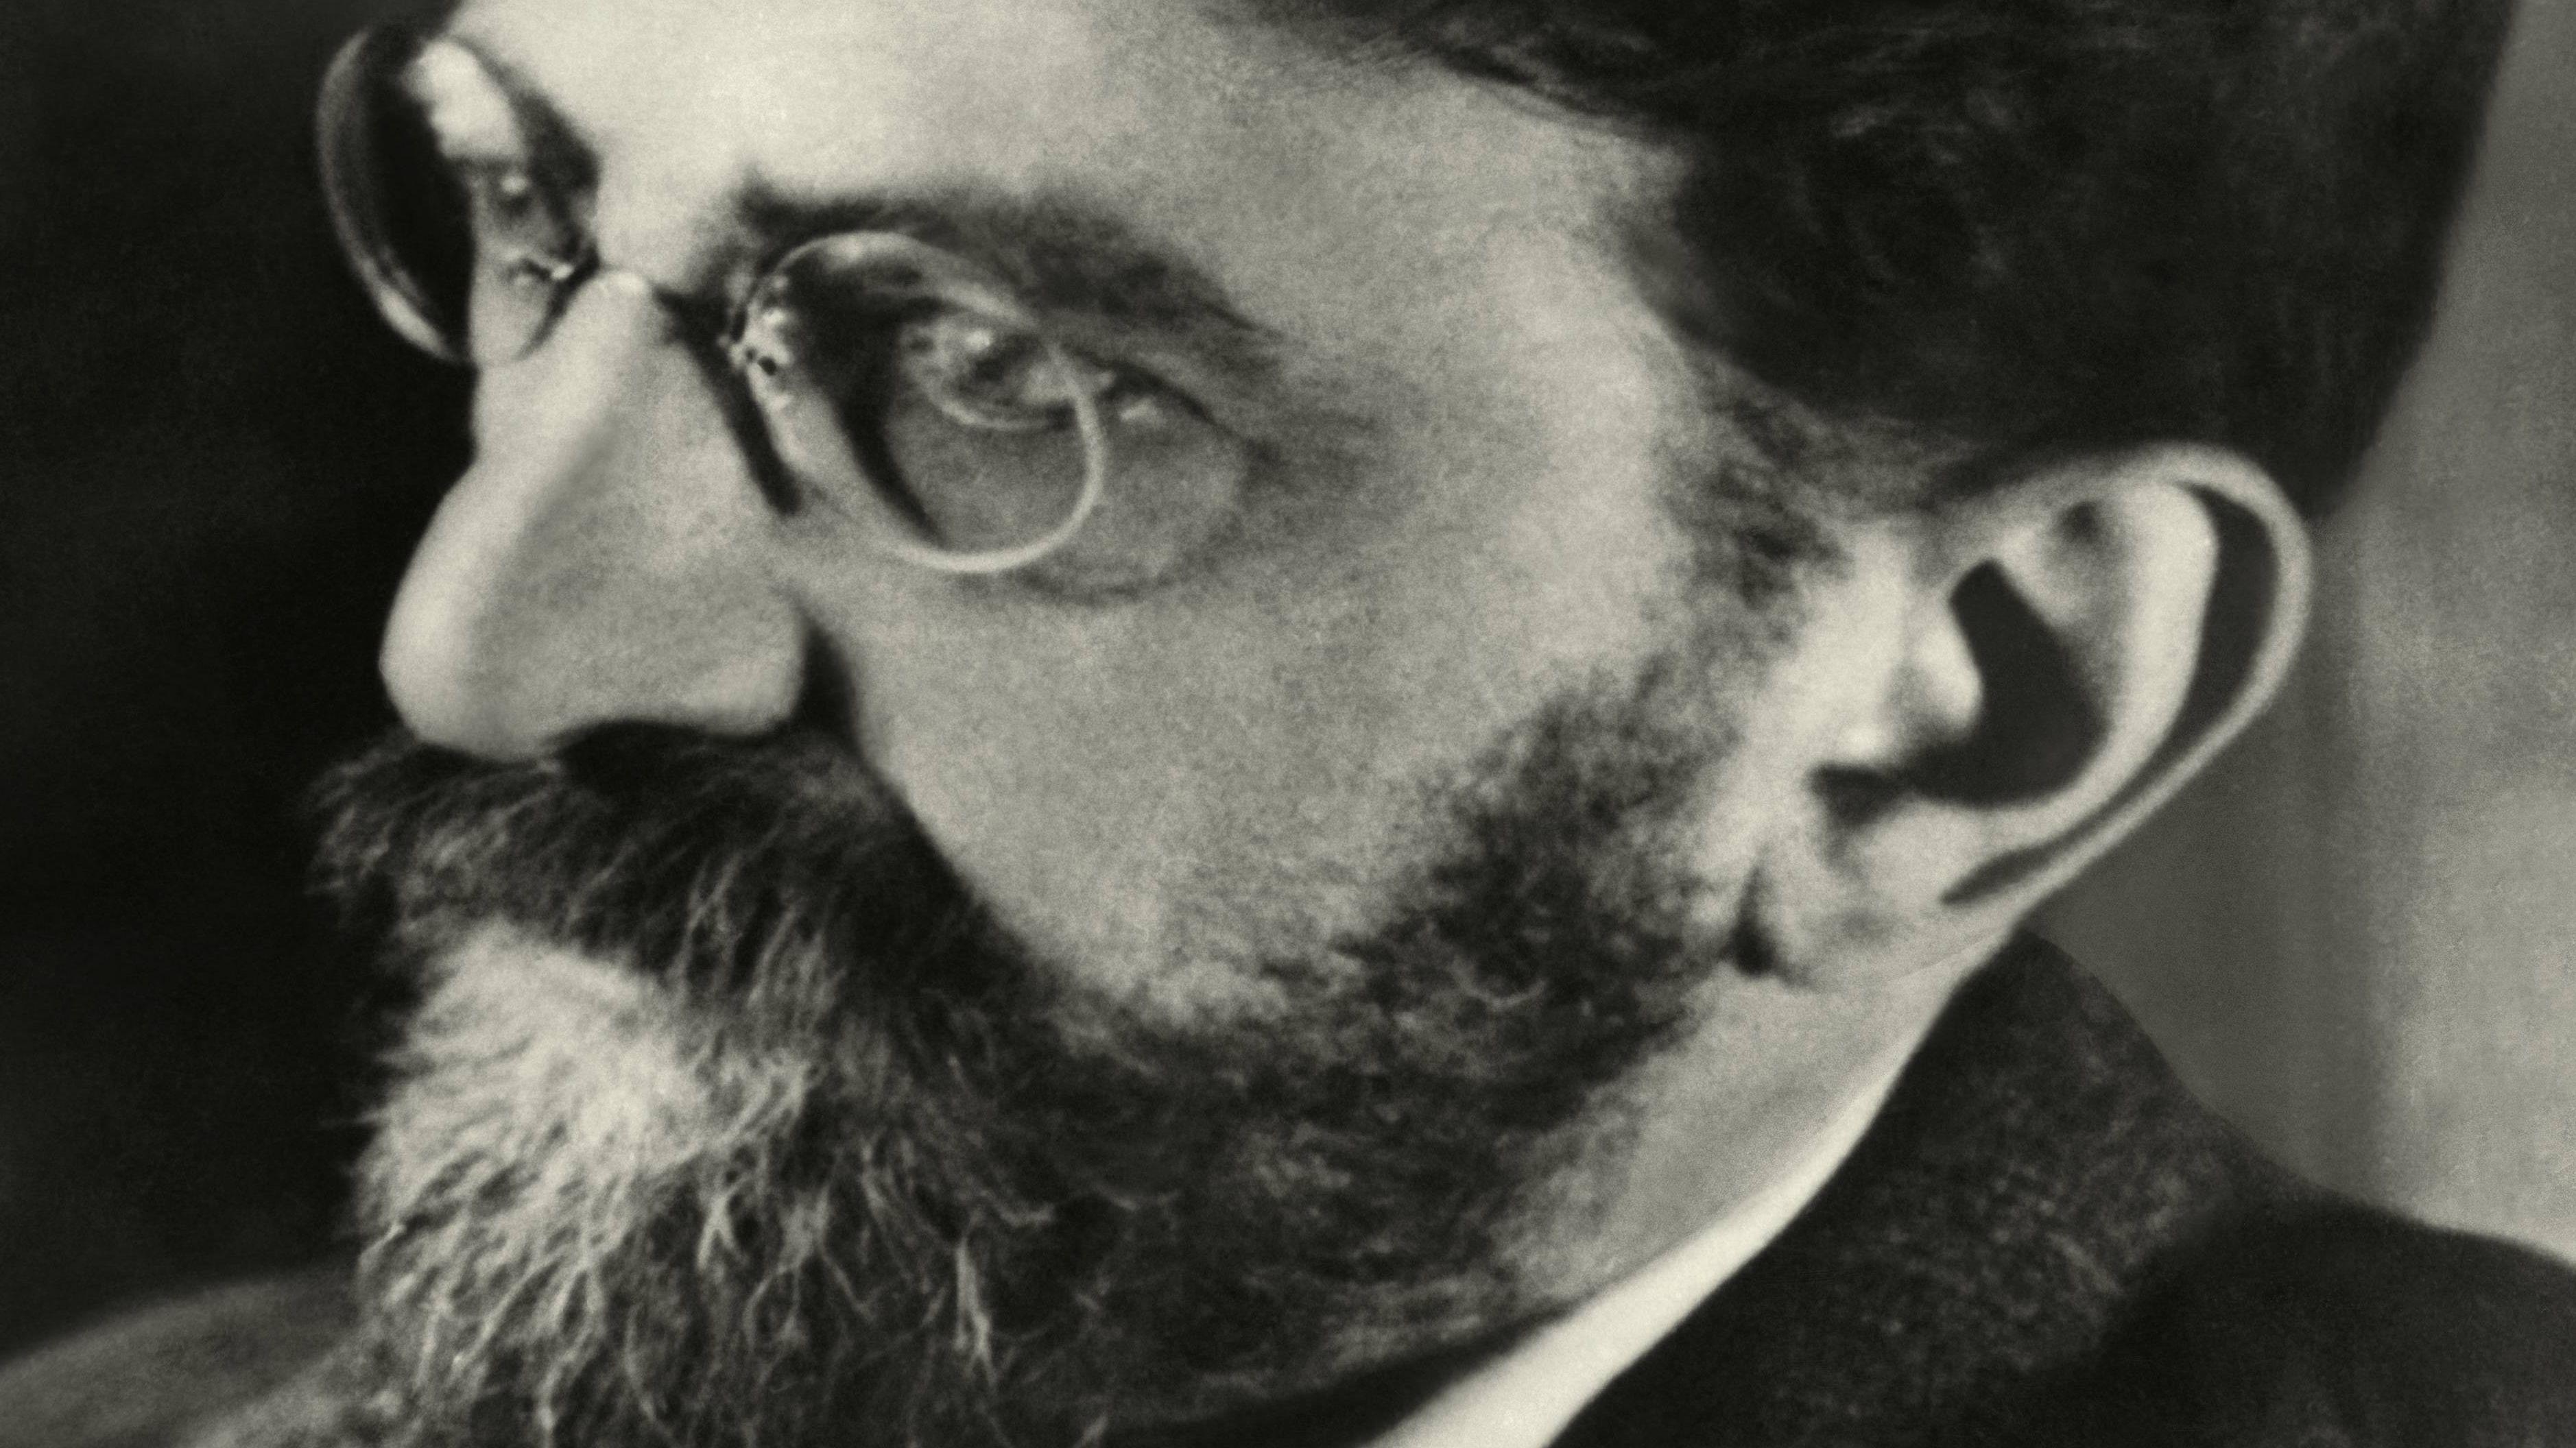 Porträt Erich Mühsam mit Brille und Bart